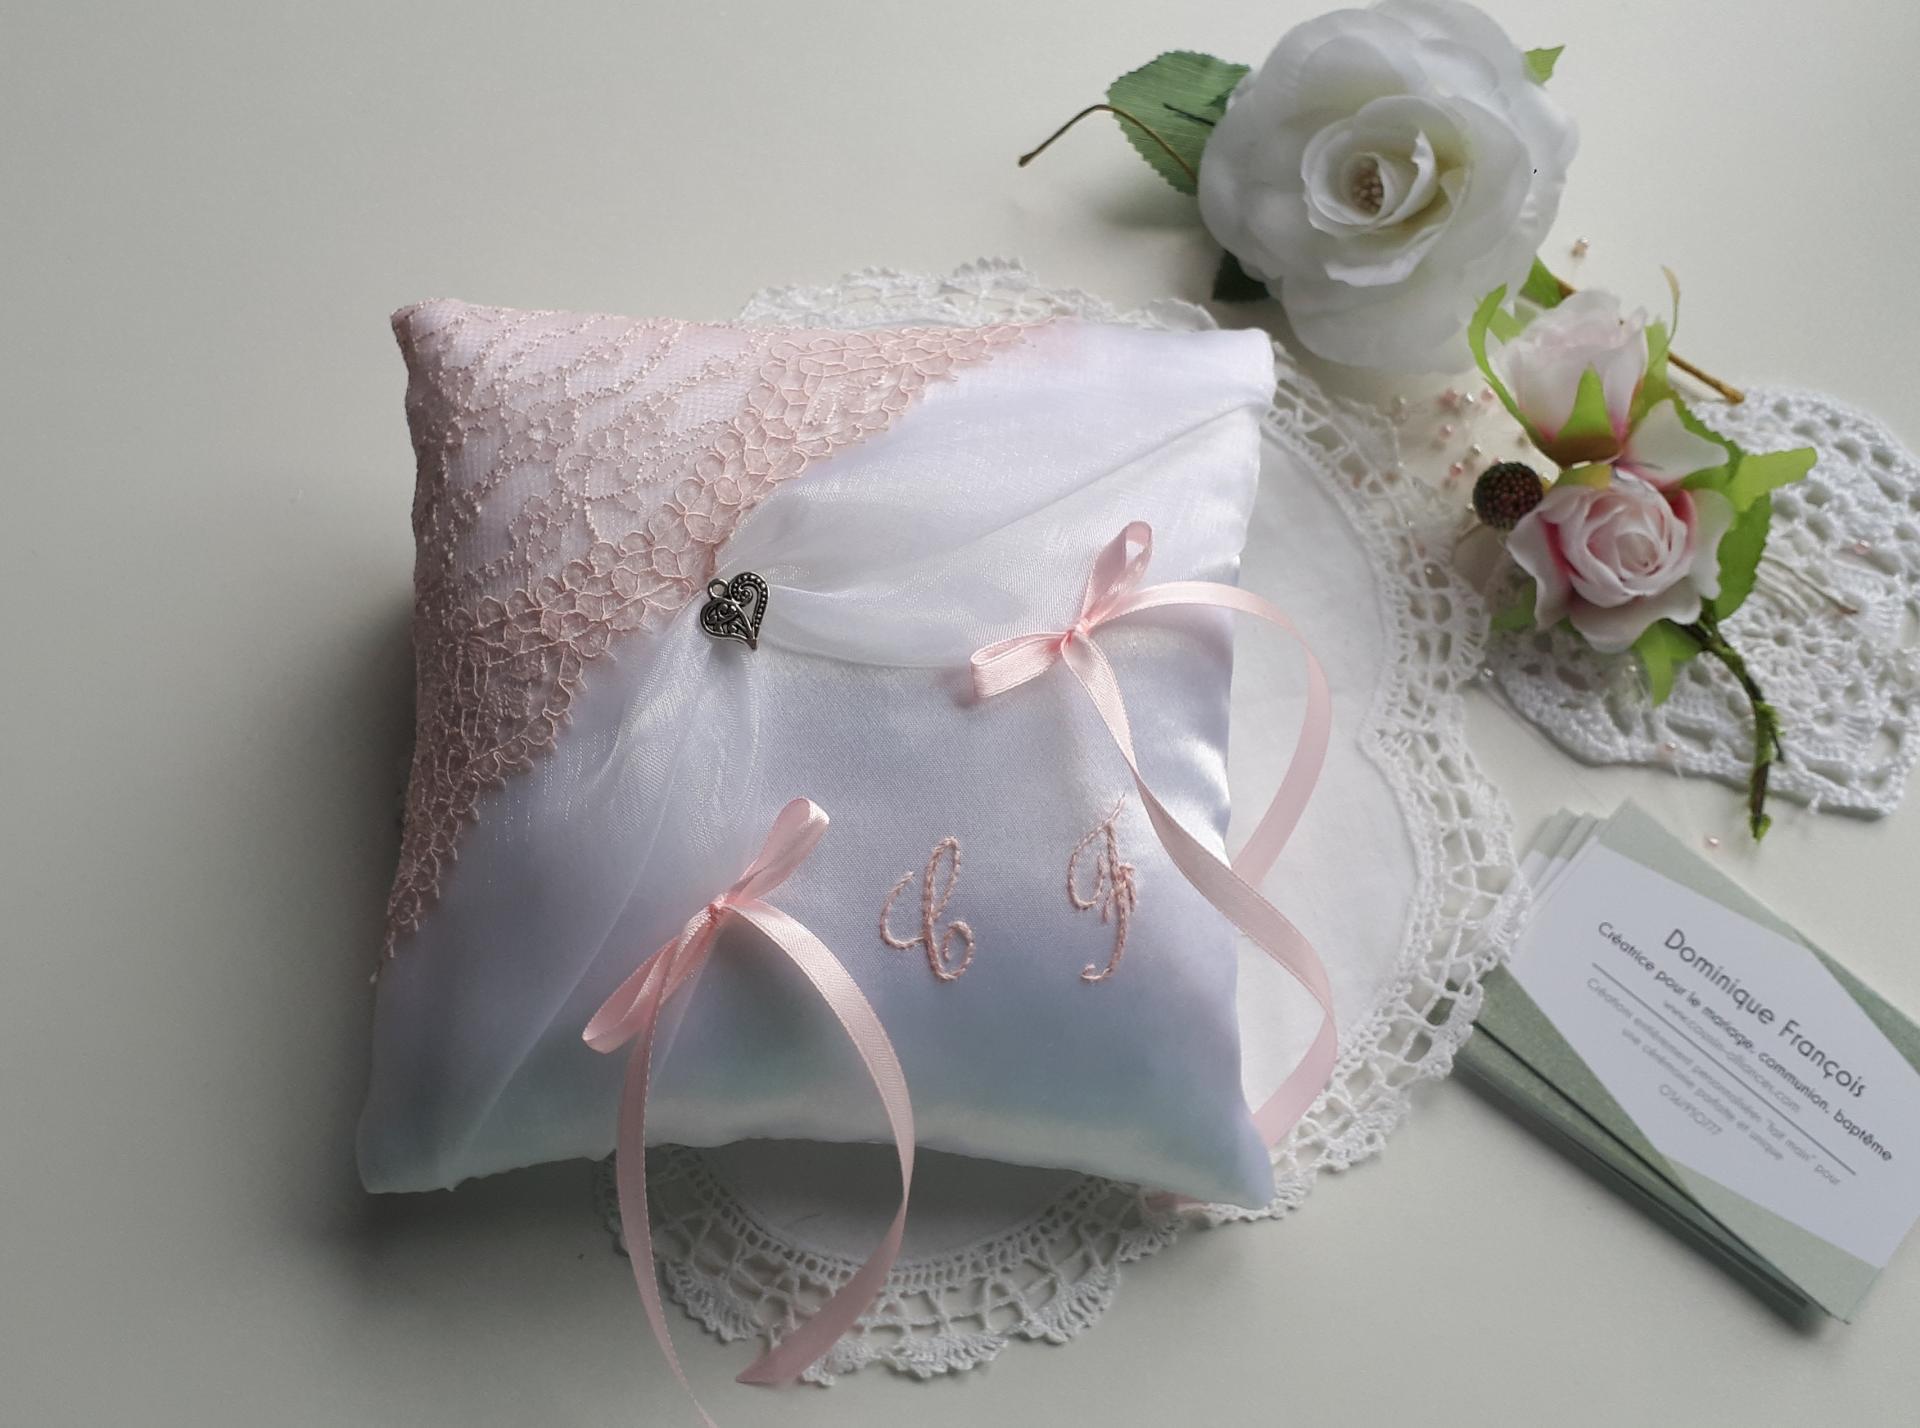 Coussin alliance personnalise rose pastel romantique dentelle fait main